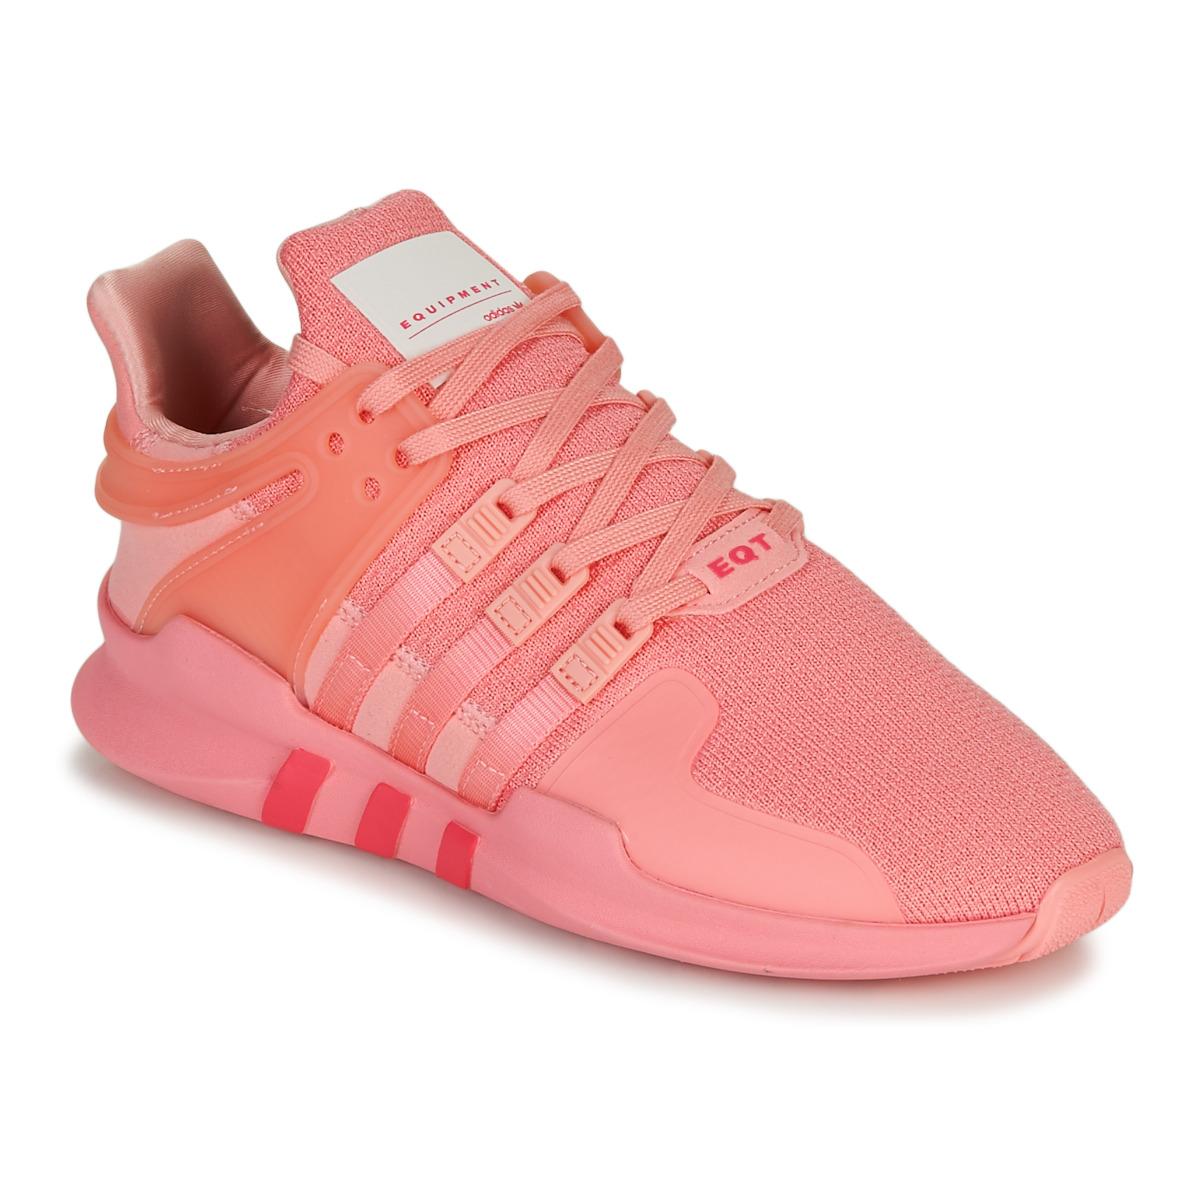 adidas Originals EQT SUPPORT ADV W Pink